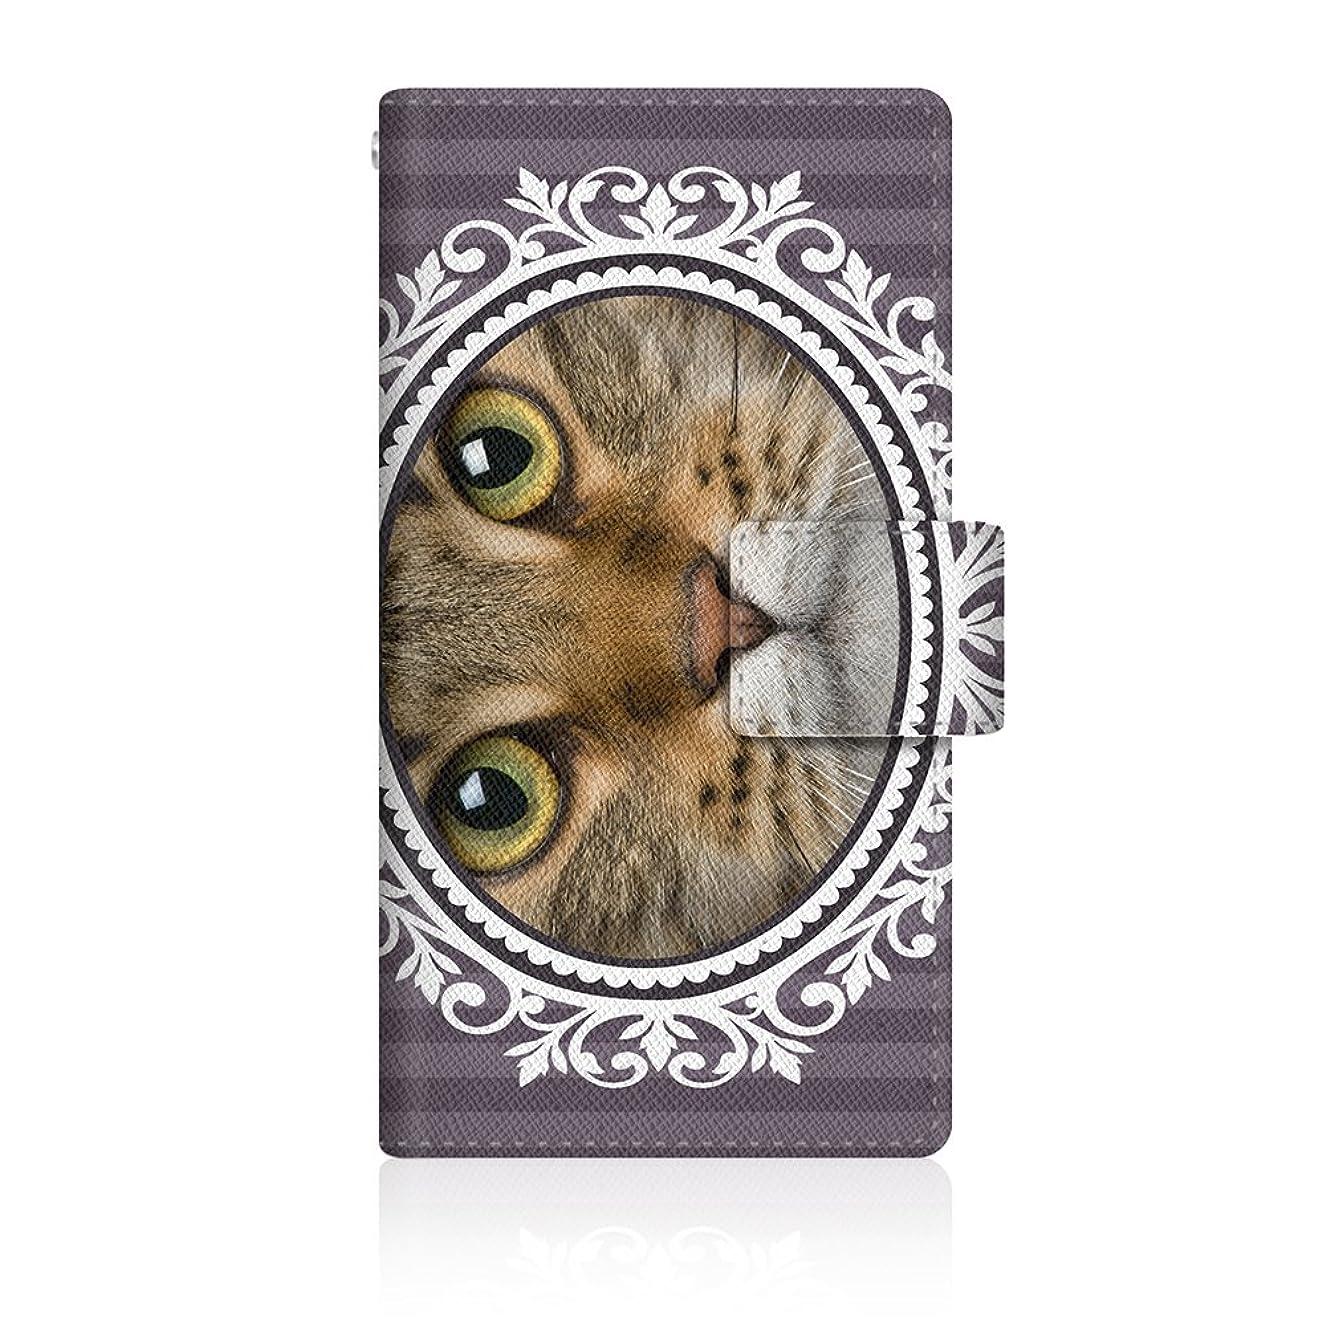 教育するカウント遠足CaseMarket × NYAGO 【手帳型】 apple iPod touch 第5世代 (iPod-touch5) スリムケース ステッチモデル [ NYAGO ノート ボタニカルリース ペロペロだにゃ~。- ピクシーボブ -  ] iPod-touch5-VNG2S2667